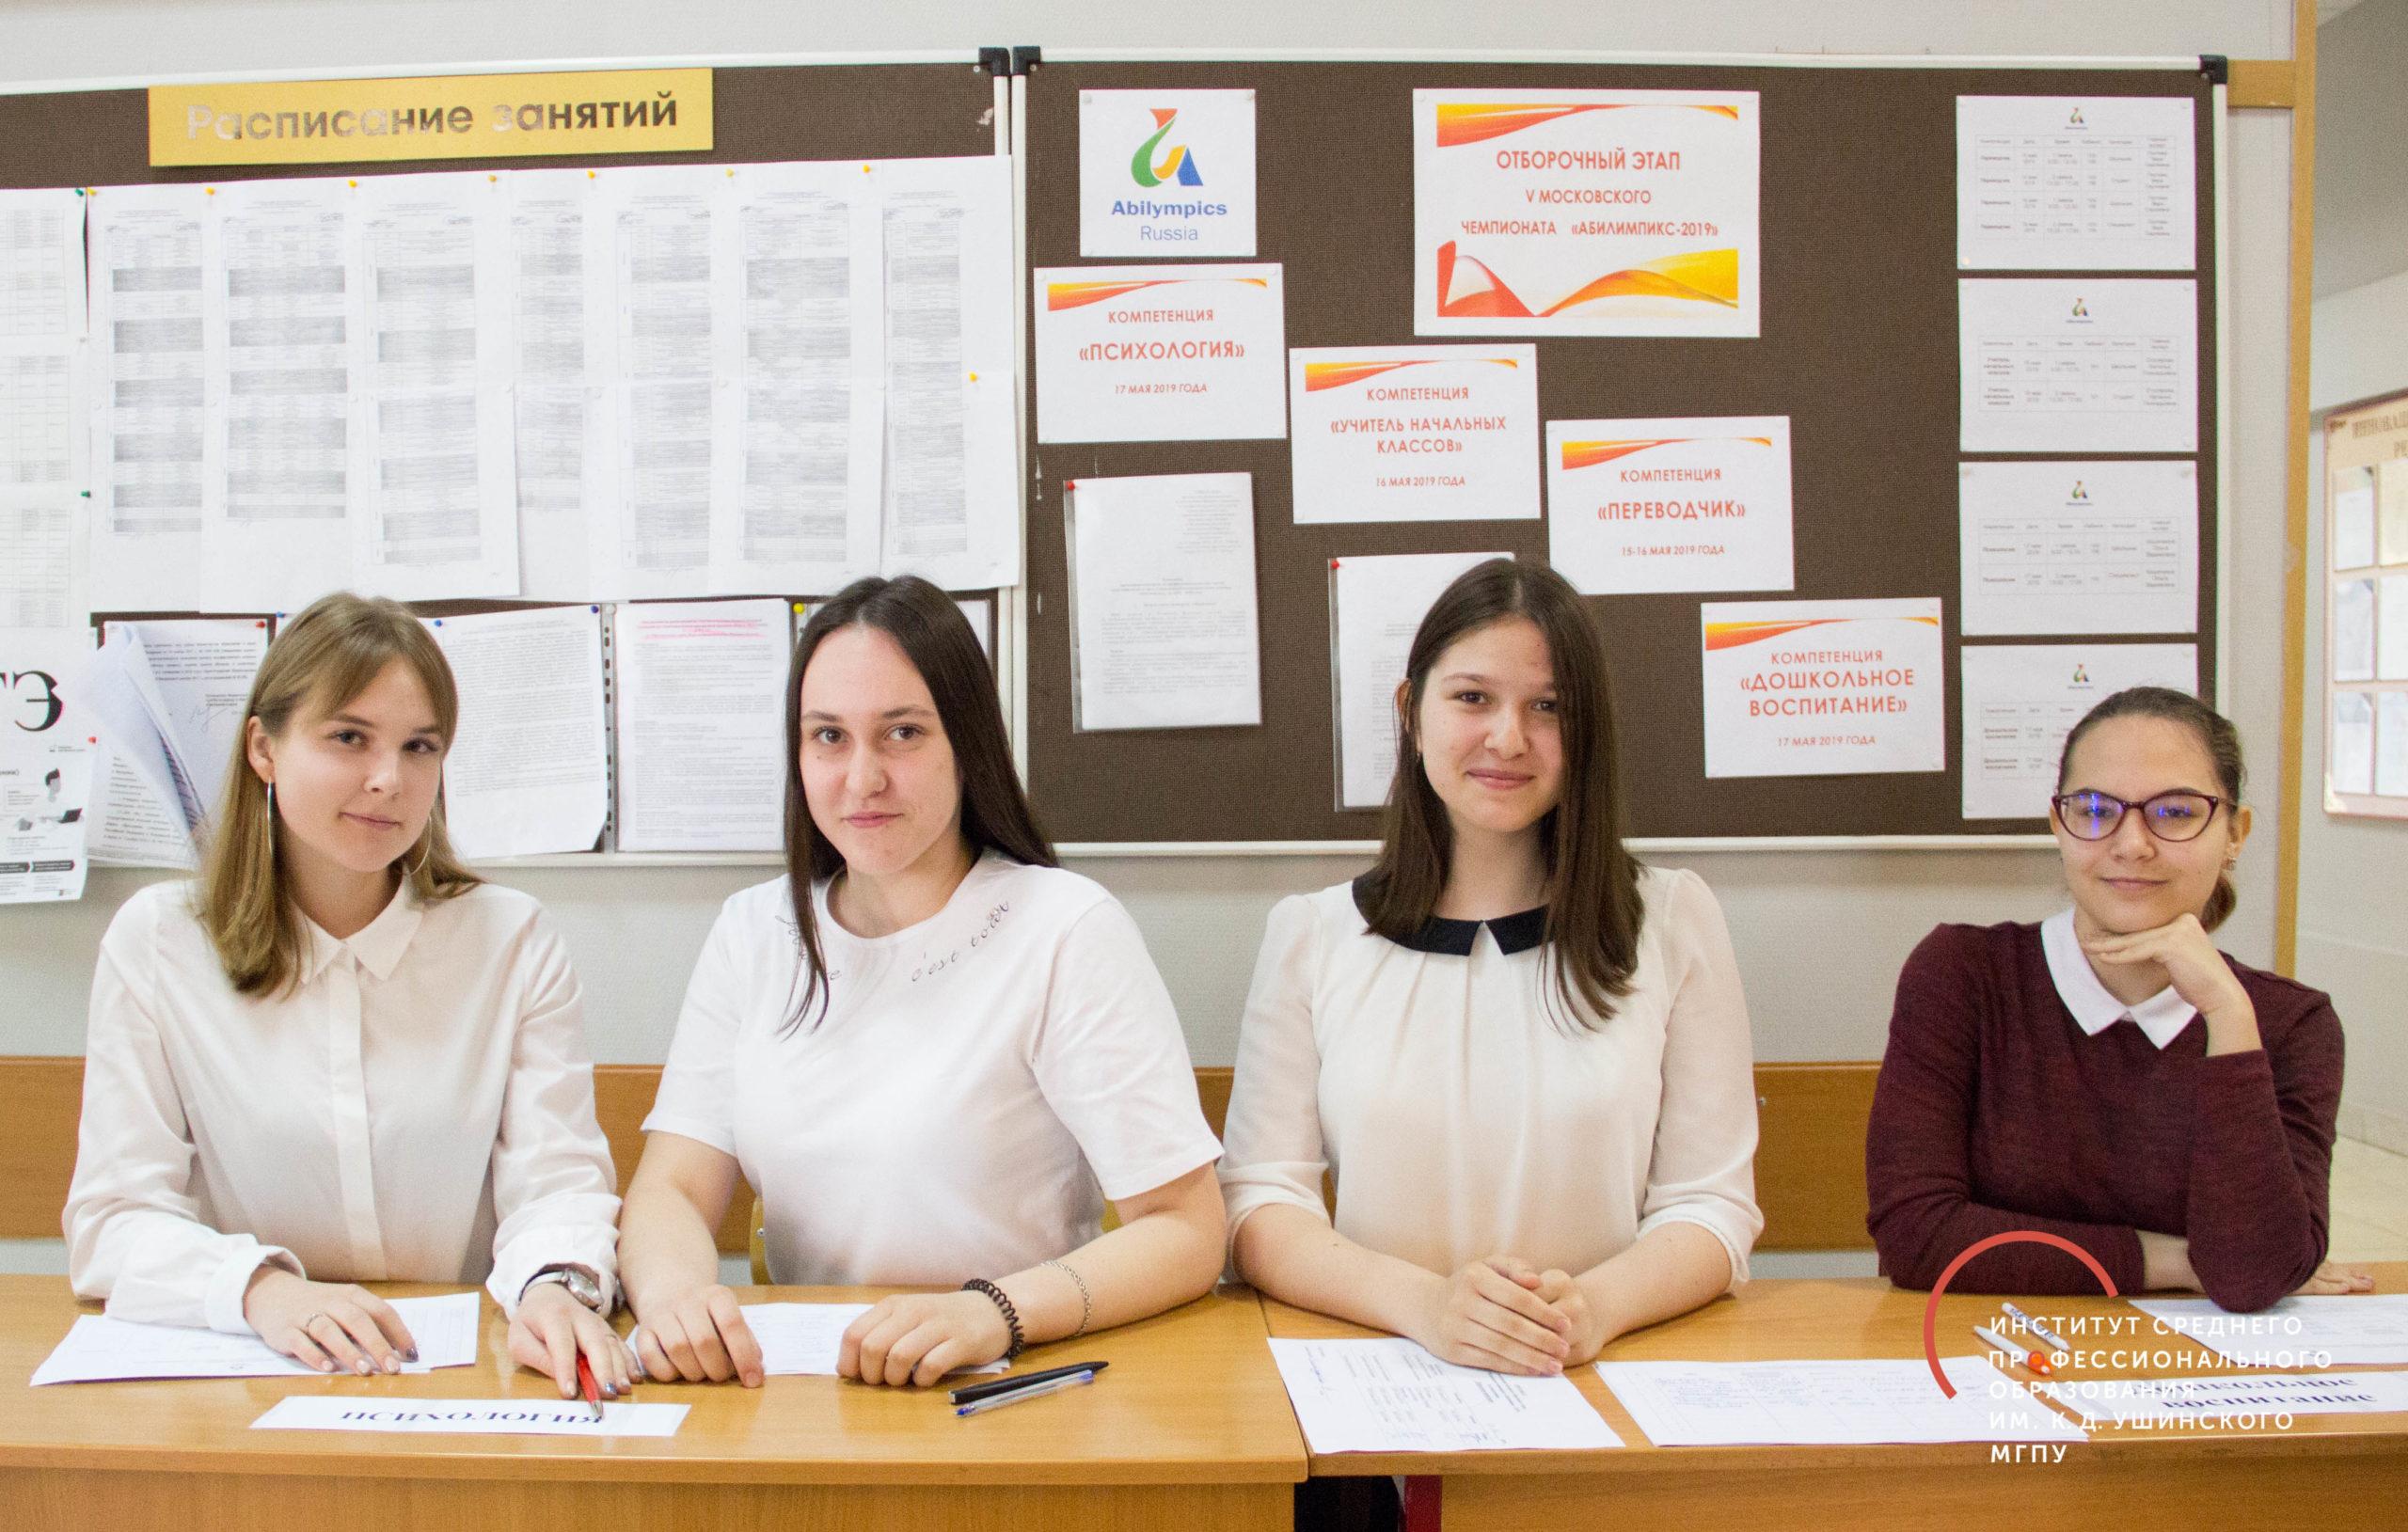 Итоги VМосковского чемпионата «Абилимпикс-2019»